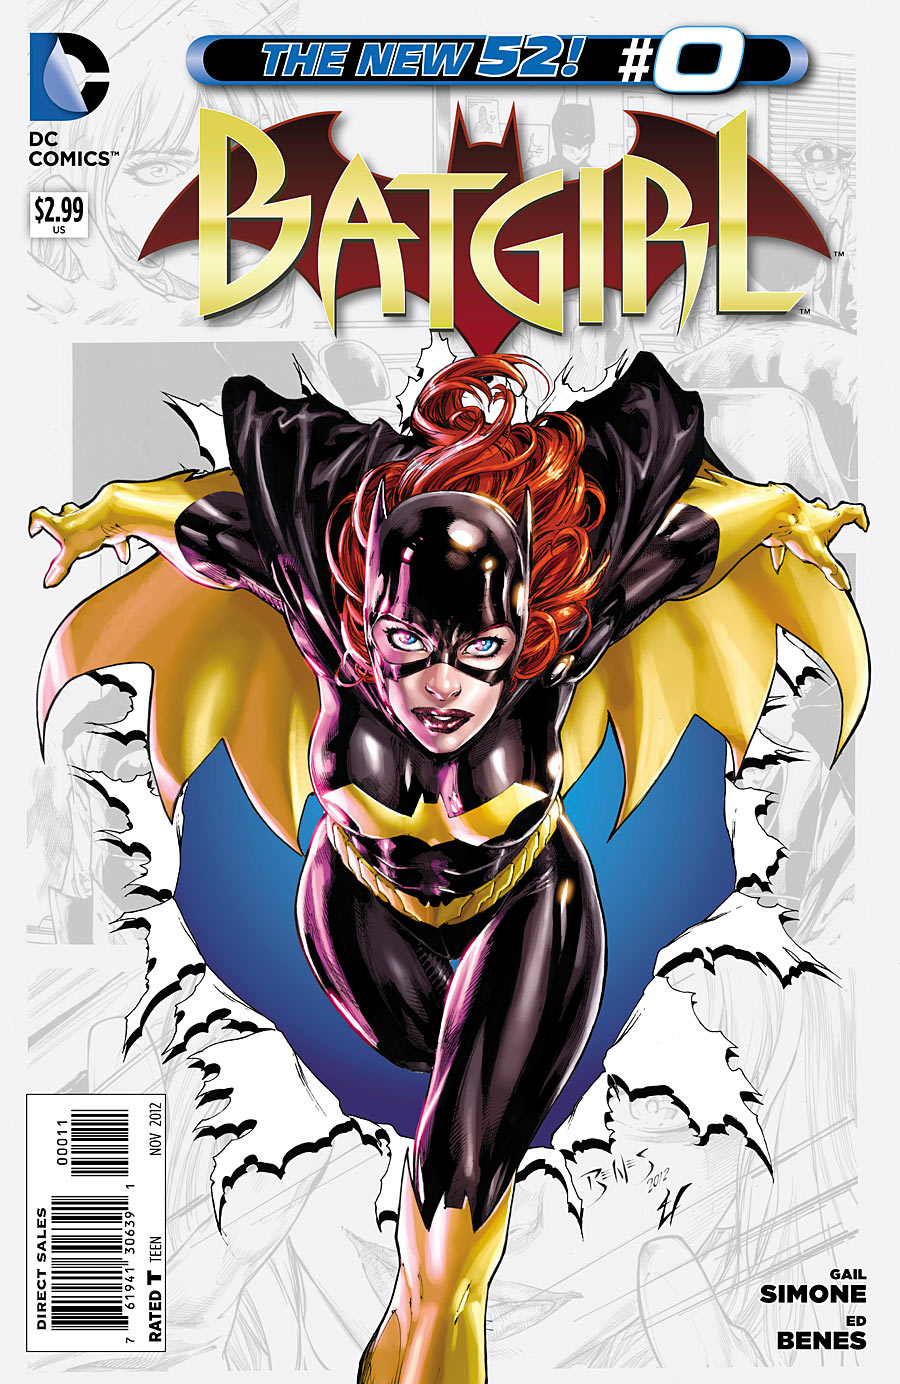 Batgirl #0